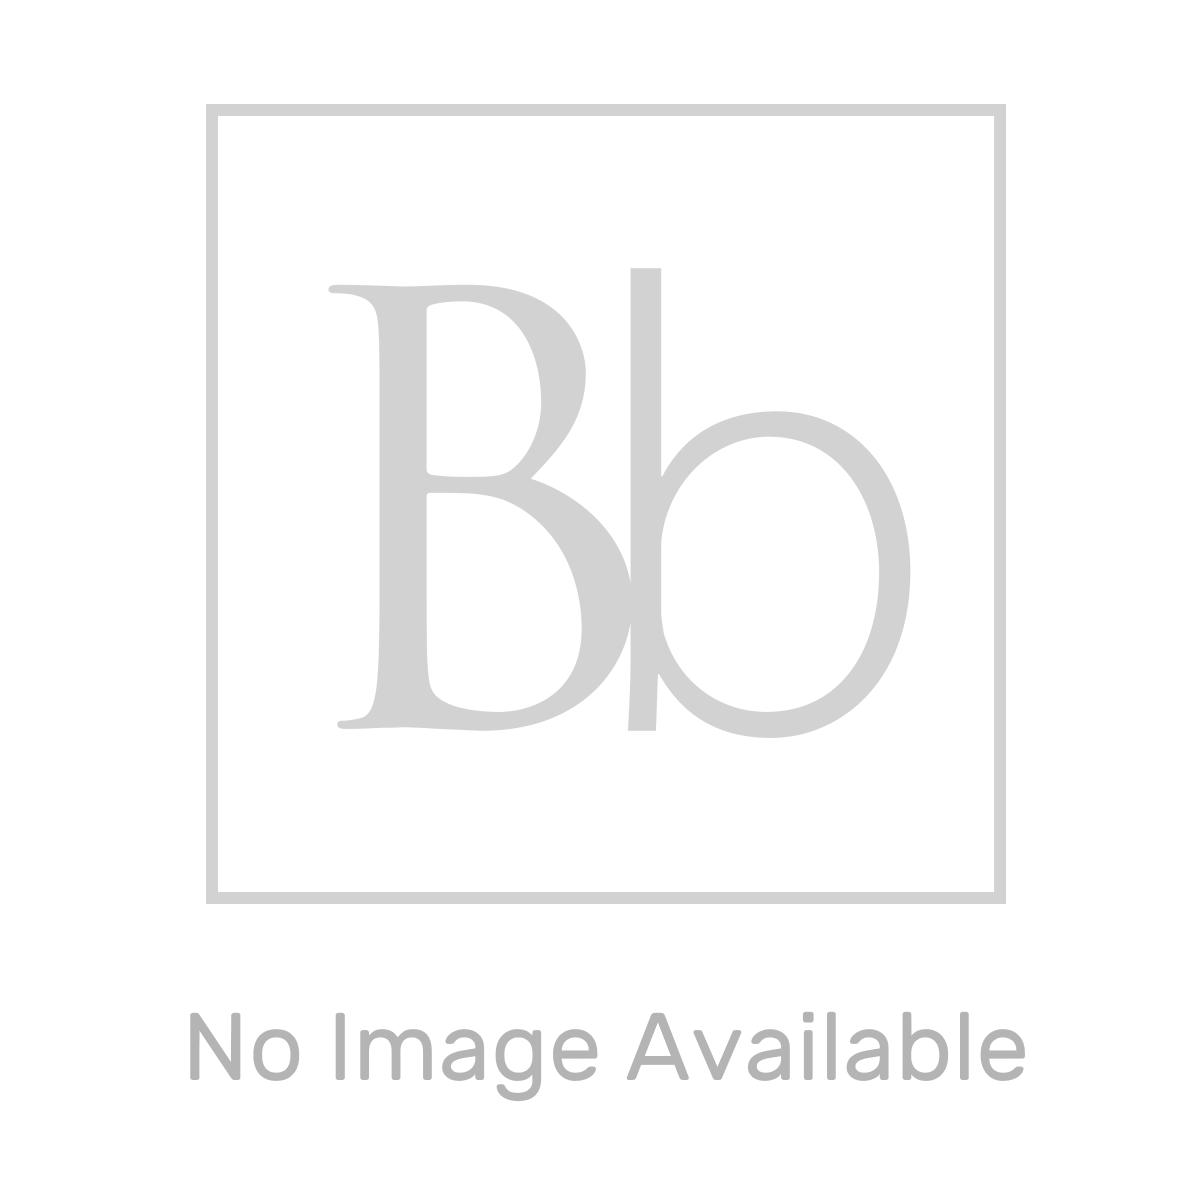 Ikoma White Gloss Tall Unit Lifestyle